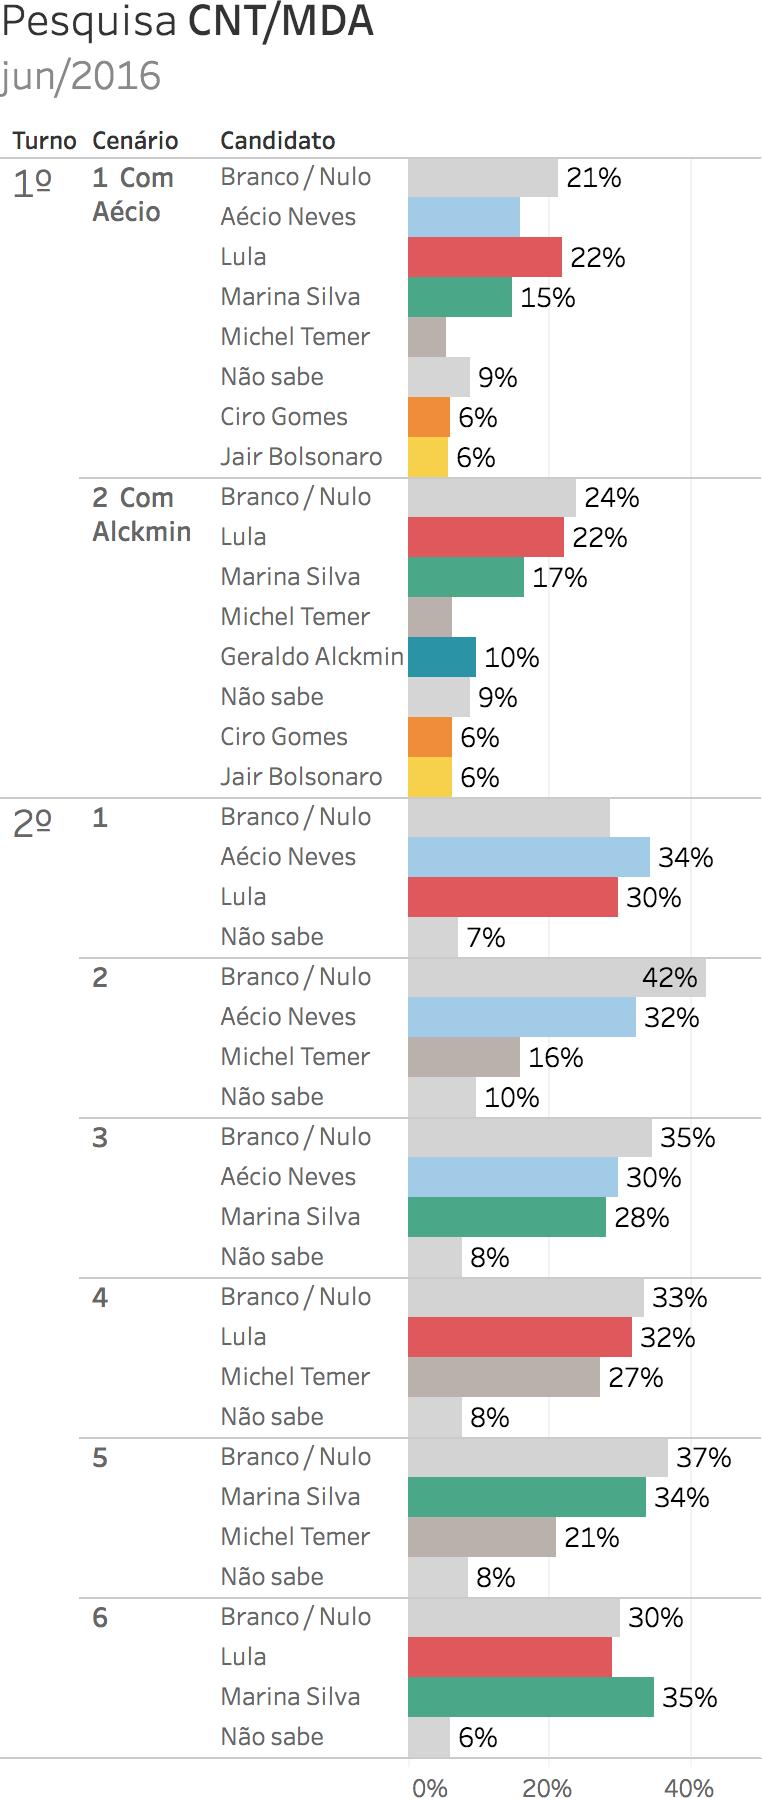 Eleições 2018. Gráfico: pesquisa eleitoral para presidente CNT/MDA - junho 2016 (2/5/2016 a 5/6/2016). Intenções de voto. Gazeta do Povo. Nomes pesquisados: Lula, Aécio Neves, Marina Silva, Ciro Gomes, Jair Bolsonaro, Michel Temer e Geraldo Alckmin